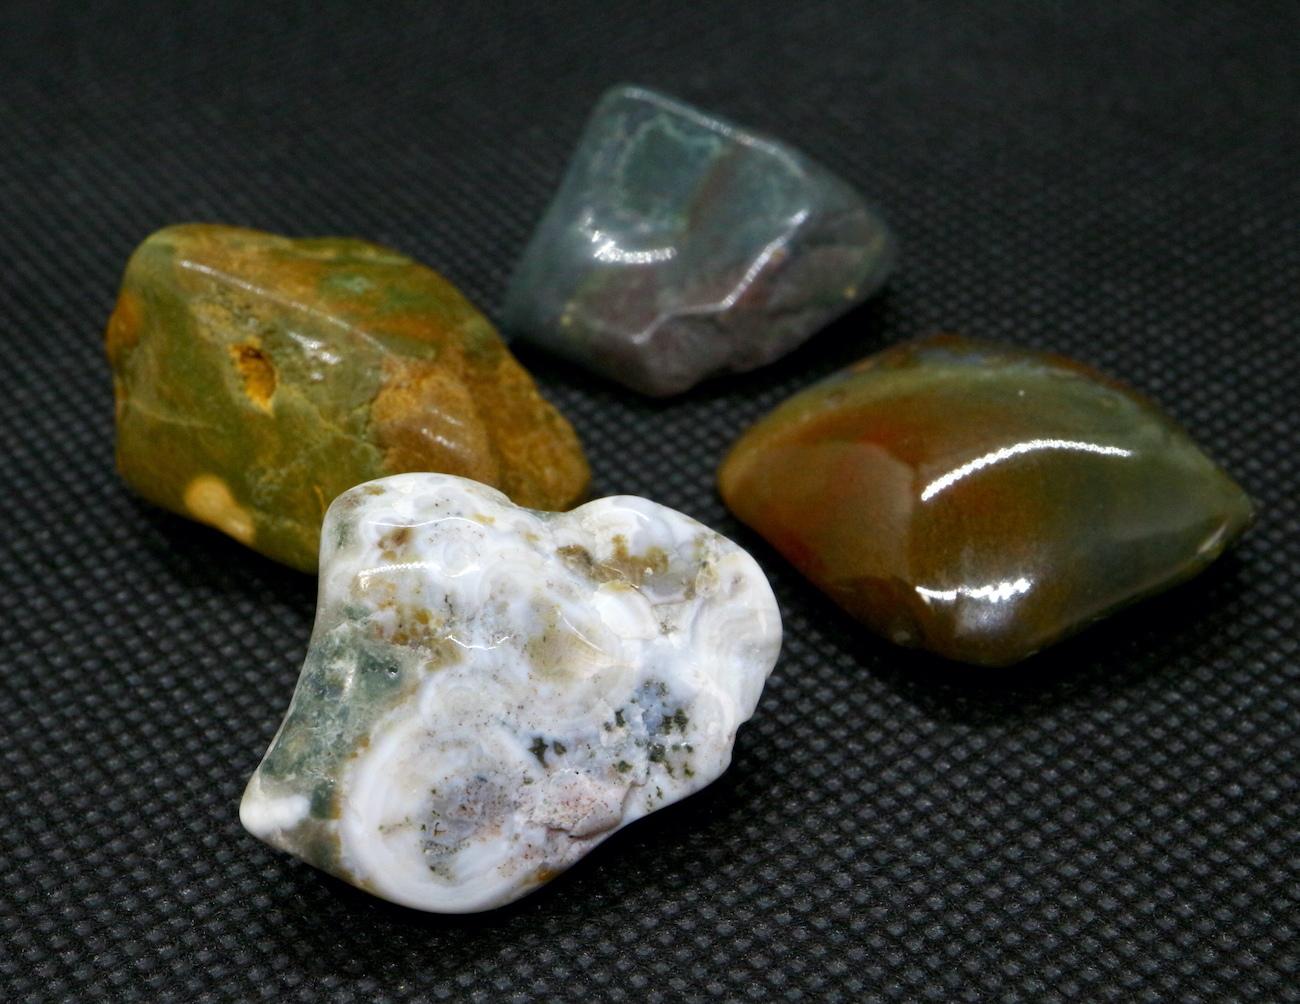 4つセット!オーシャンジャスパー 研磨 マダガスカル産 合計40.2g OJ017 原石 鉱物 天然石 パワーストーン